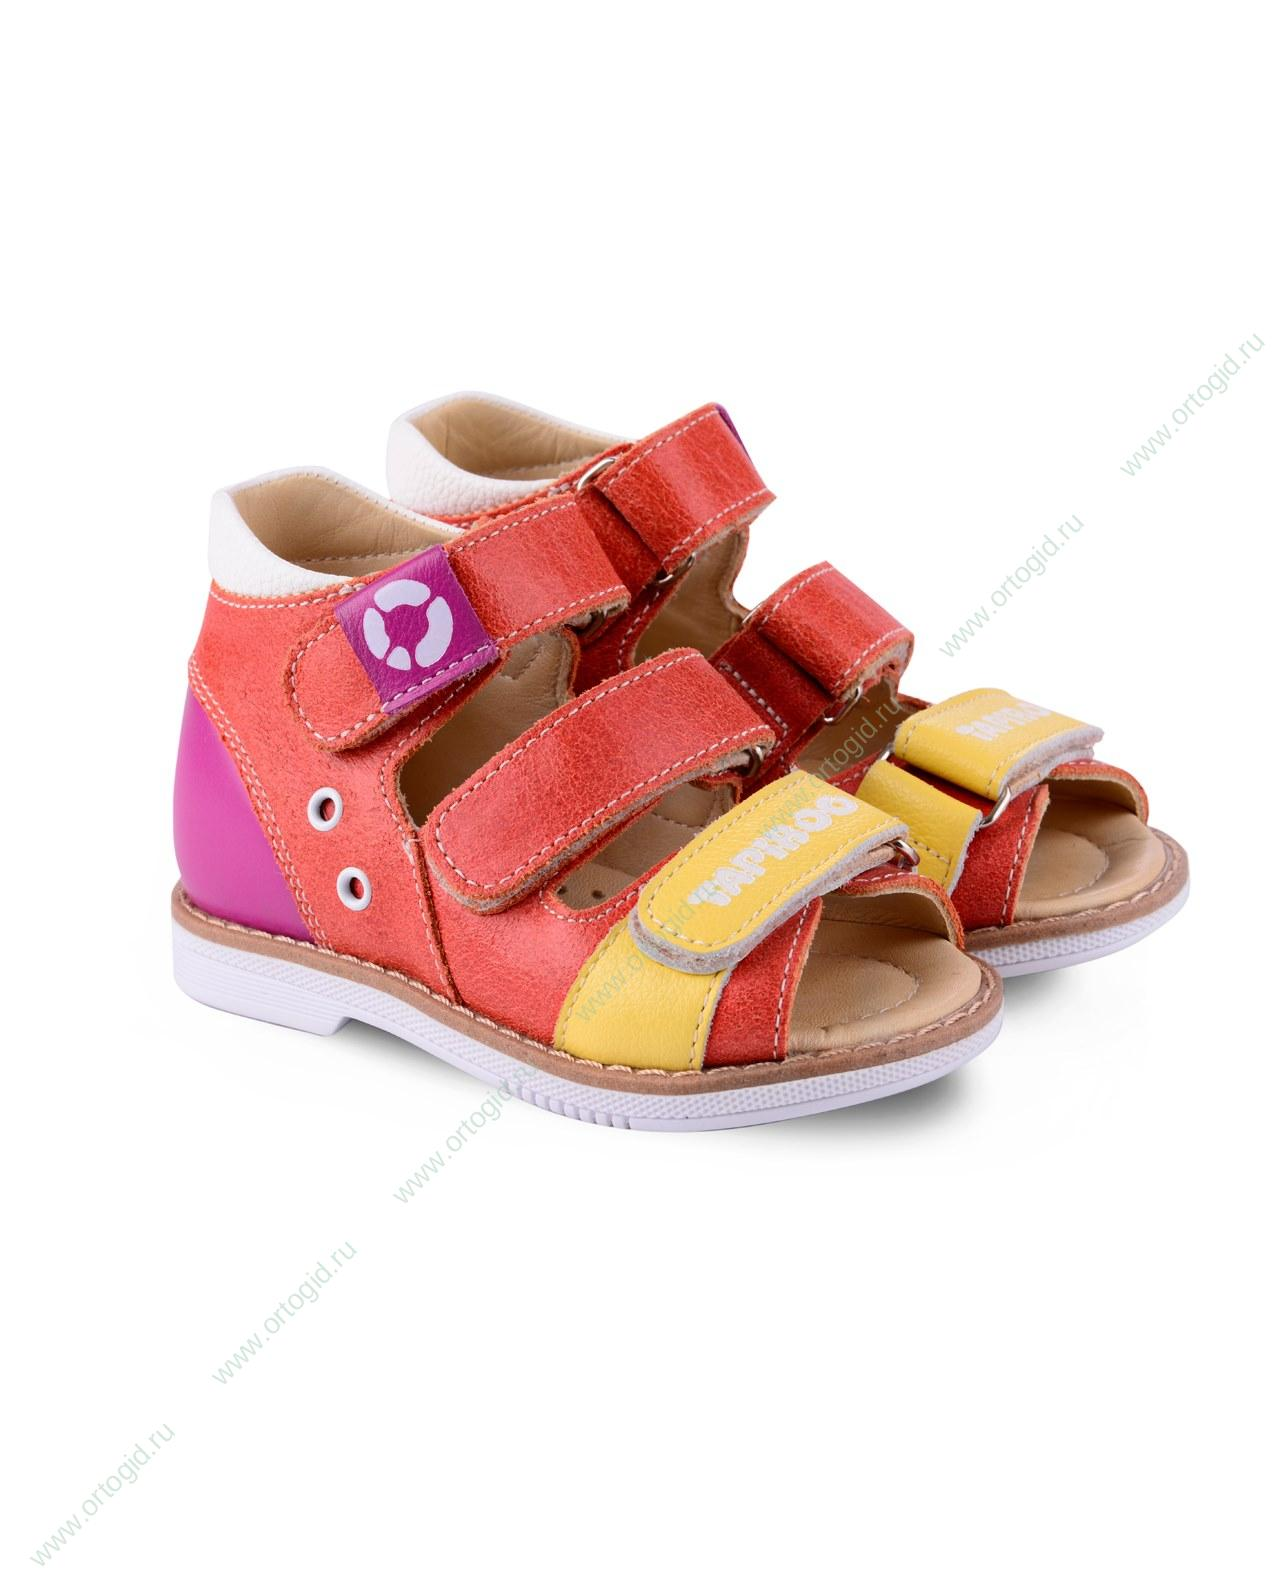 802cd0a36 Детская профилактическая обувь ТАПИБУ Кораллы арт. FT-26006 ...